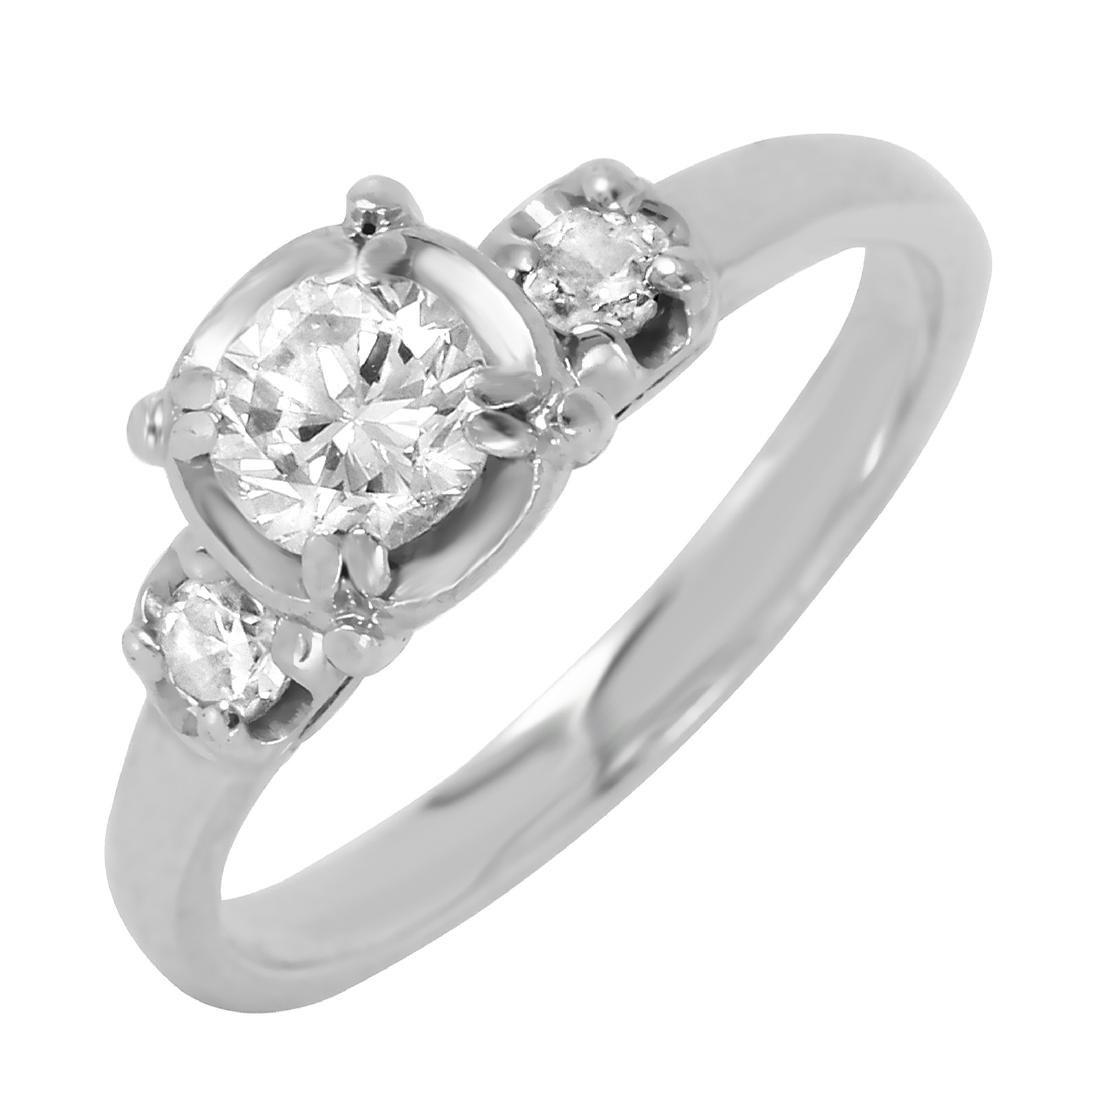 14KT Whit e Gold Diamond Engagement Ring